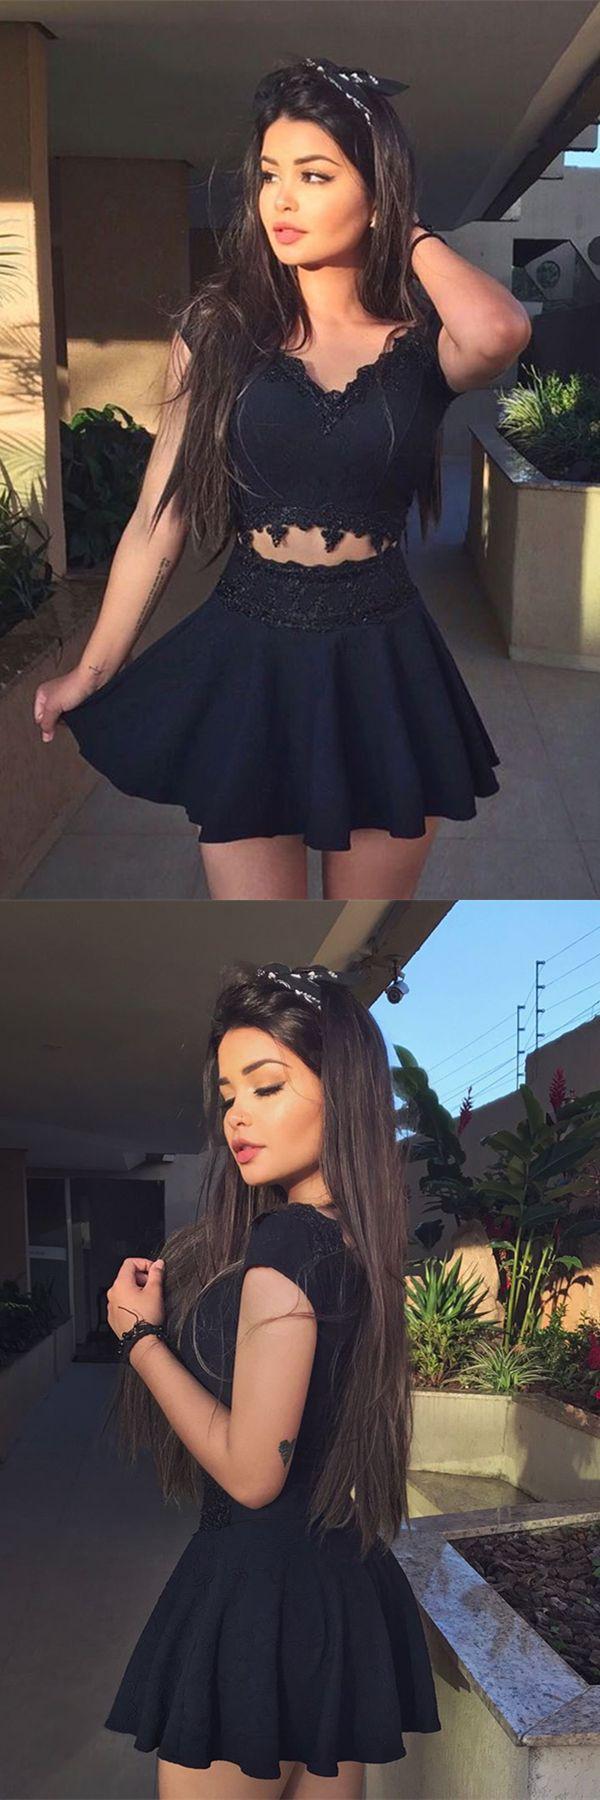 black homecoming dresses,little black homecoming dresses,lace homecoming dresses,homecoming dresses short